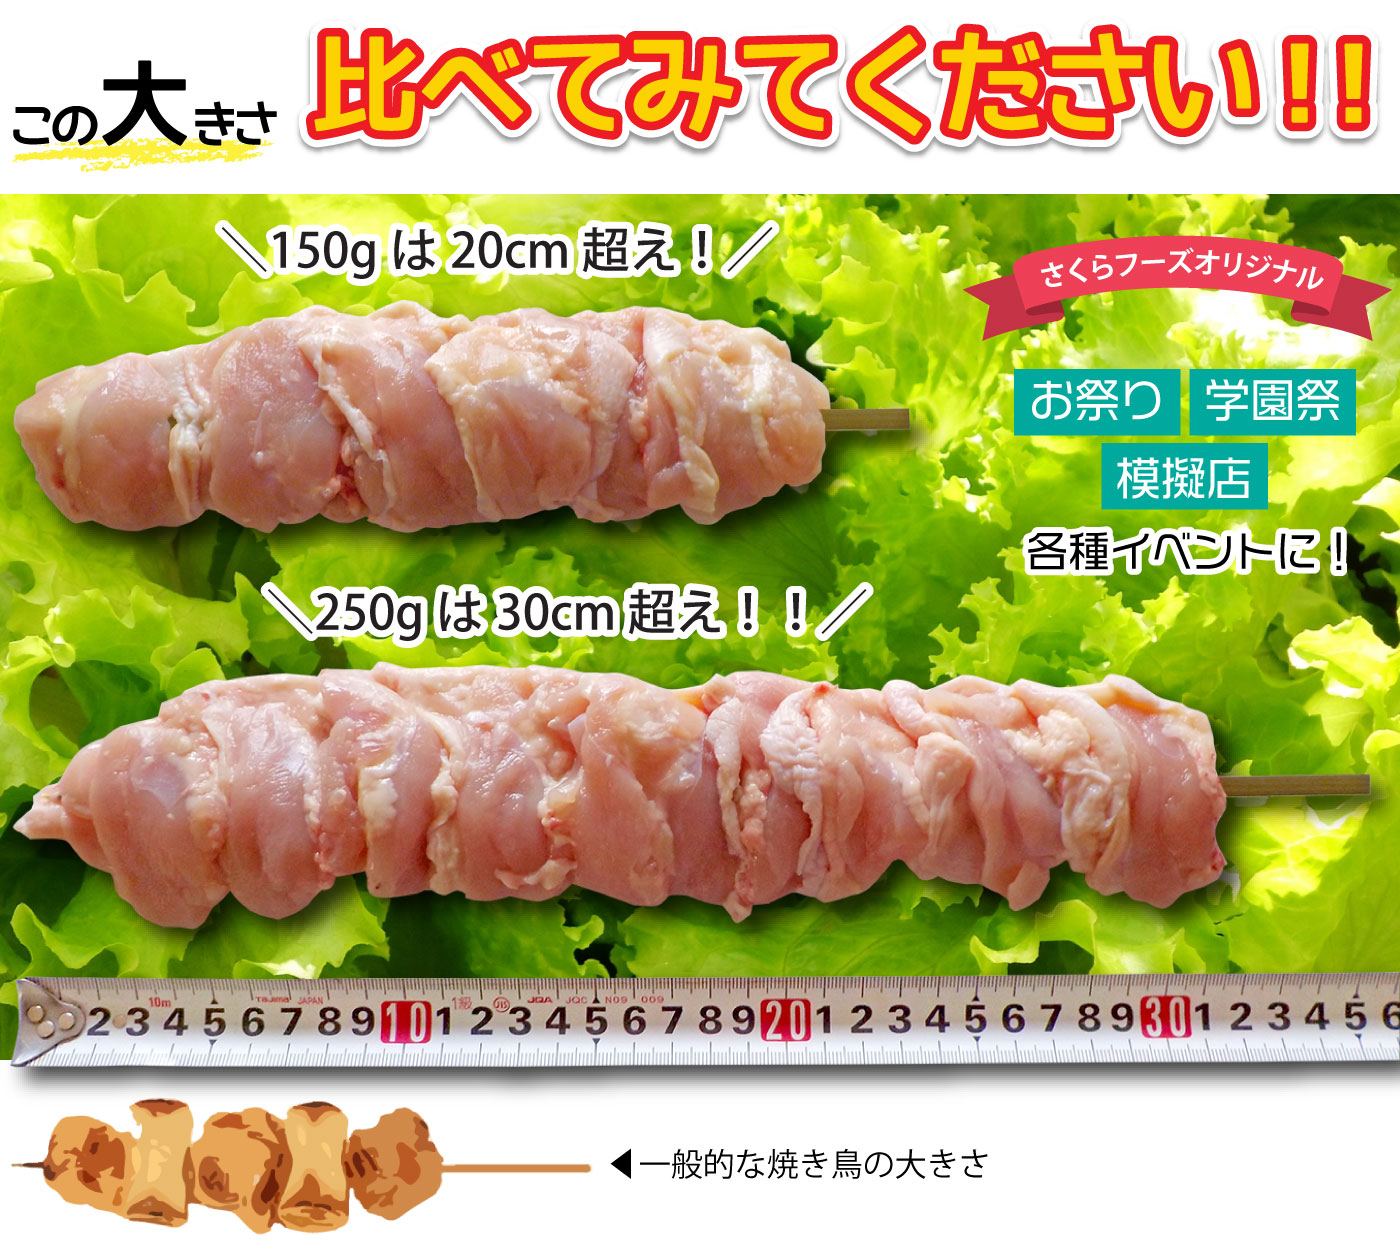 さくらフーズオリジナル ジャンボやきとり ワイルド鶏串